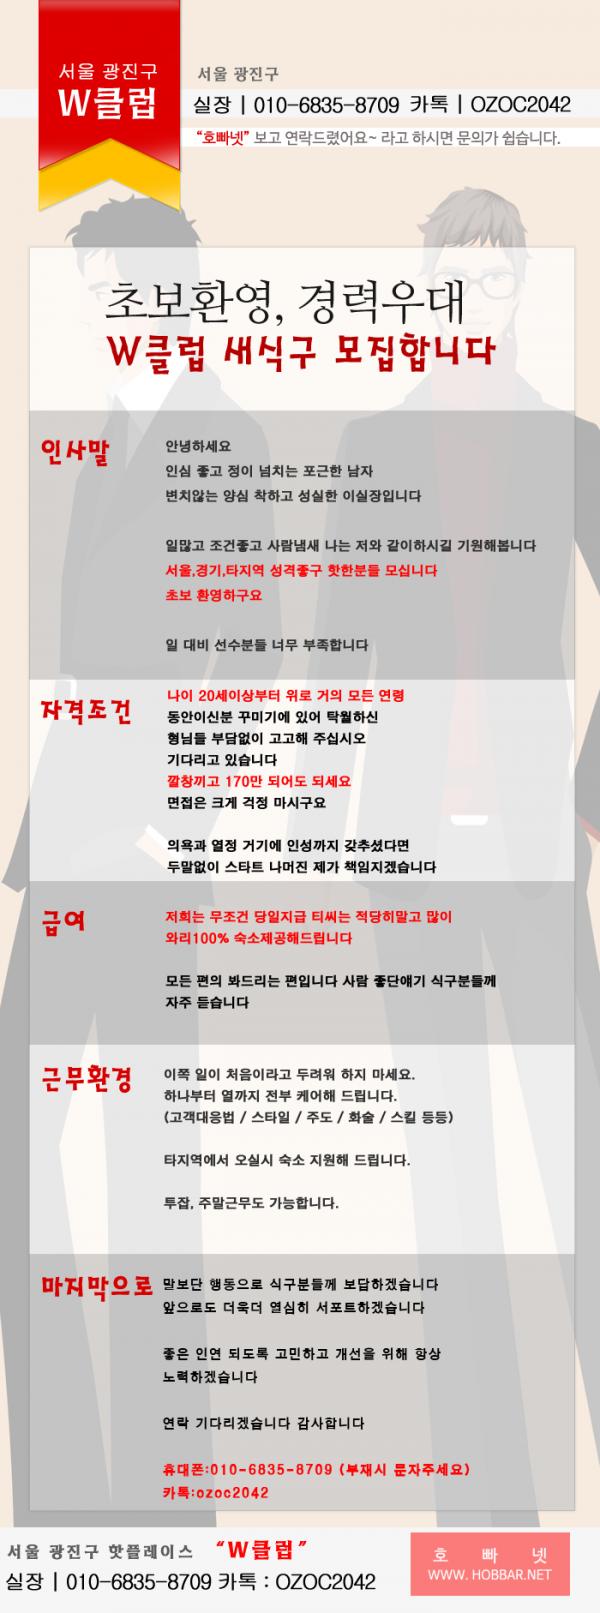 광진구 W클럽.png